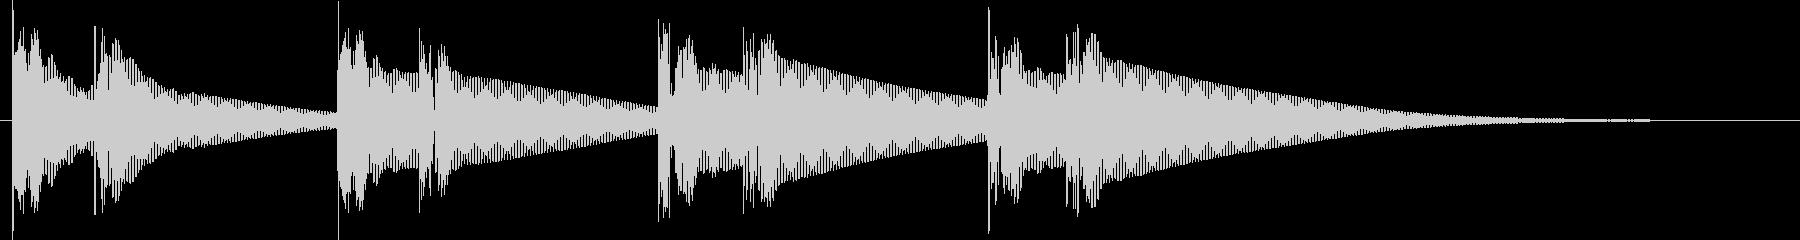 ドゥグドゥグ.。心臓の音G(ウネリ・長)の未再生の波形